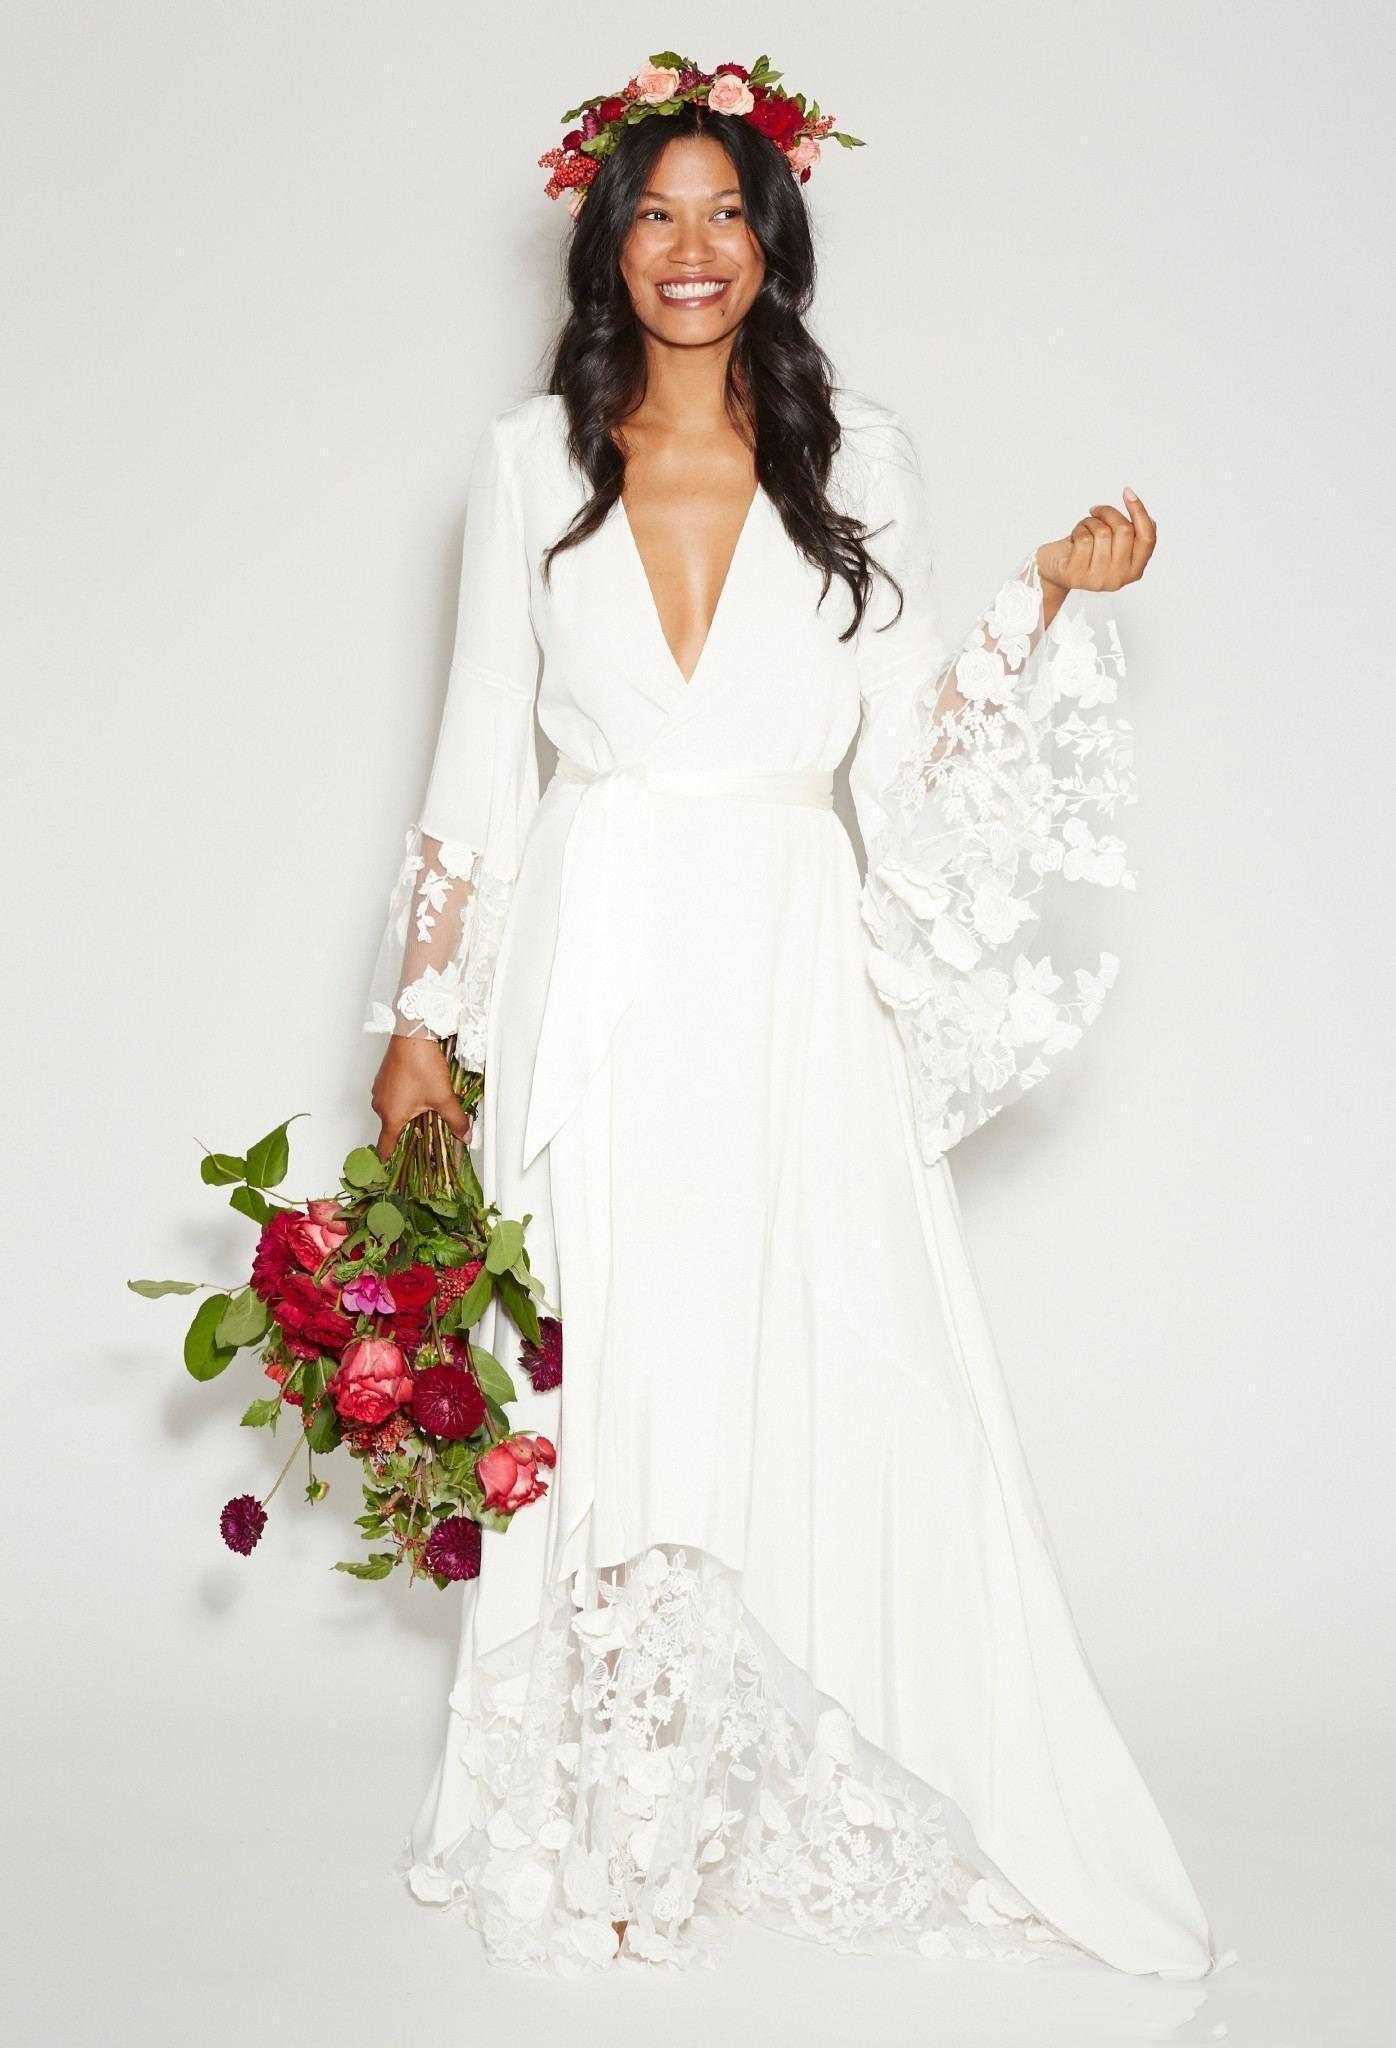 Acheter 2018 Nouvelle Sexy Automne Hiver Plage Boho Robes De Mariee Boheme Plage Style Hippie Robes De Mariee Avec Manches Longues Dentelle Fleur